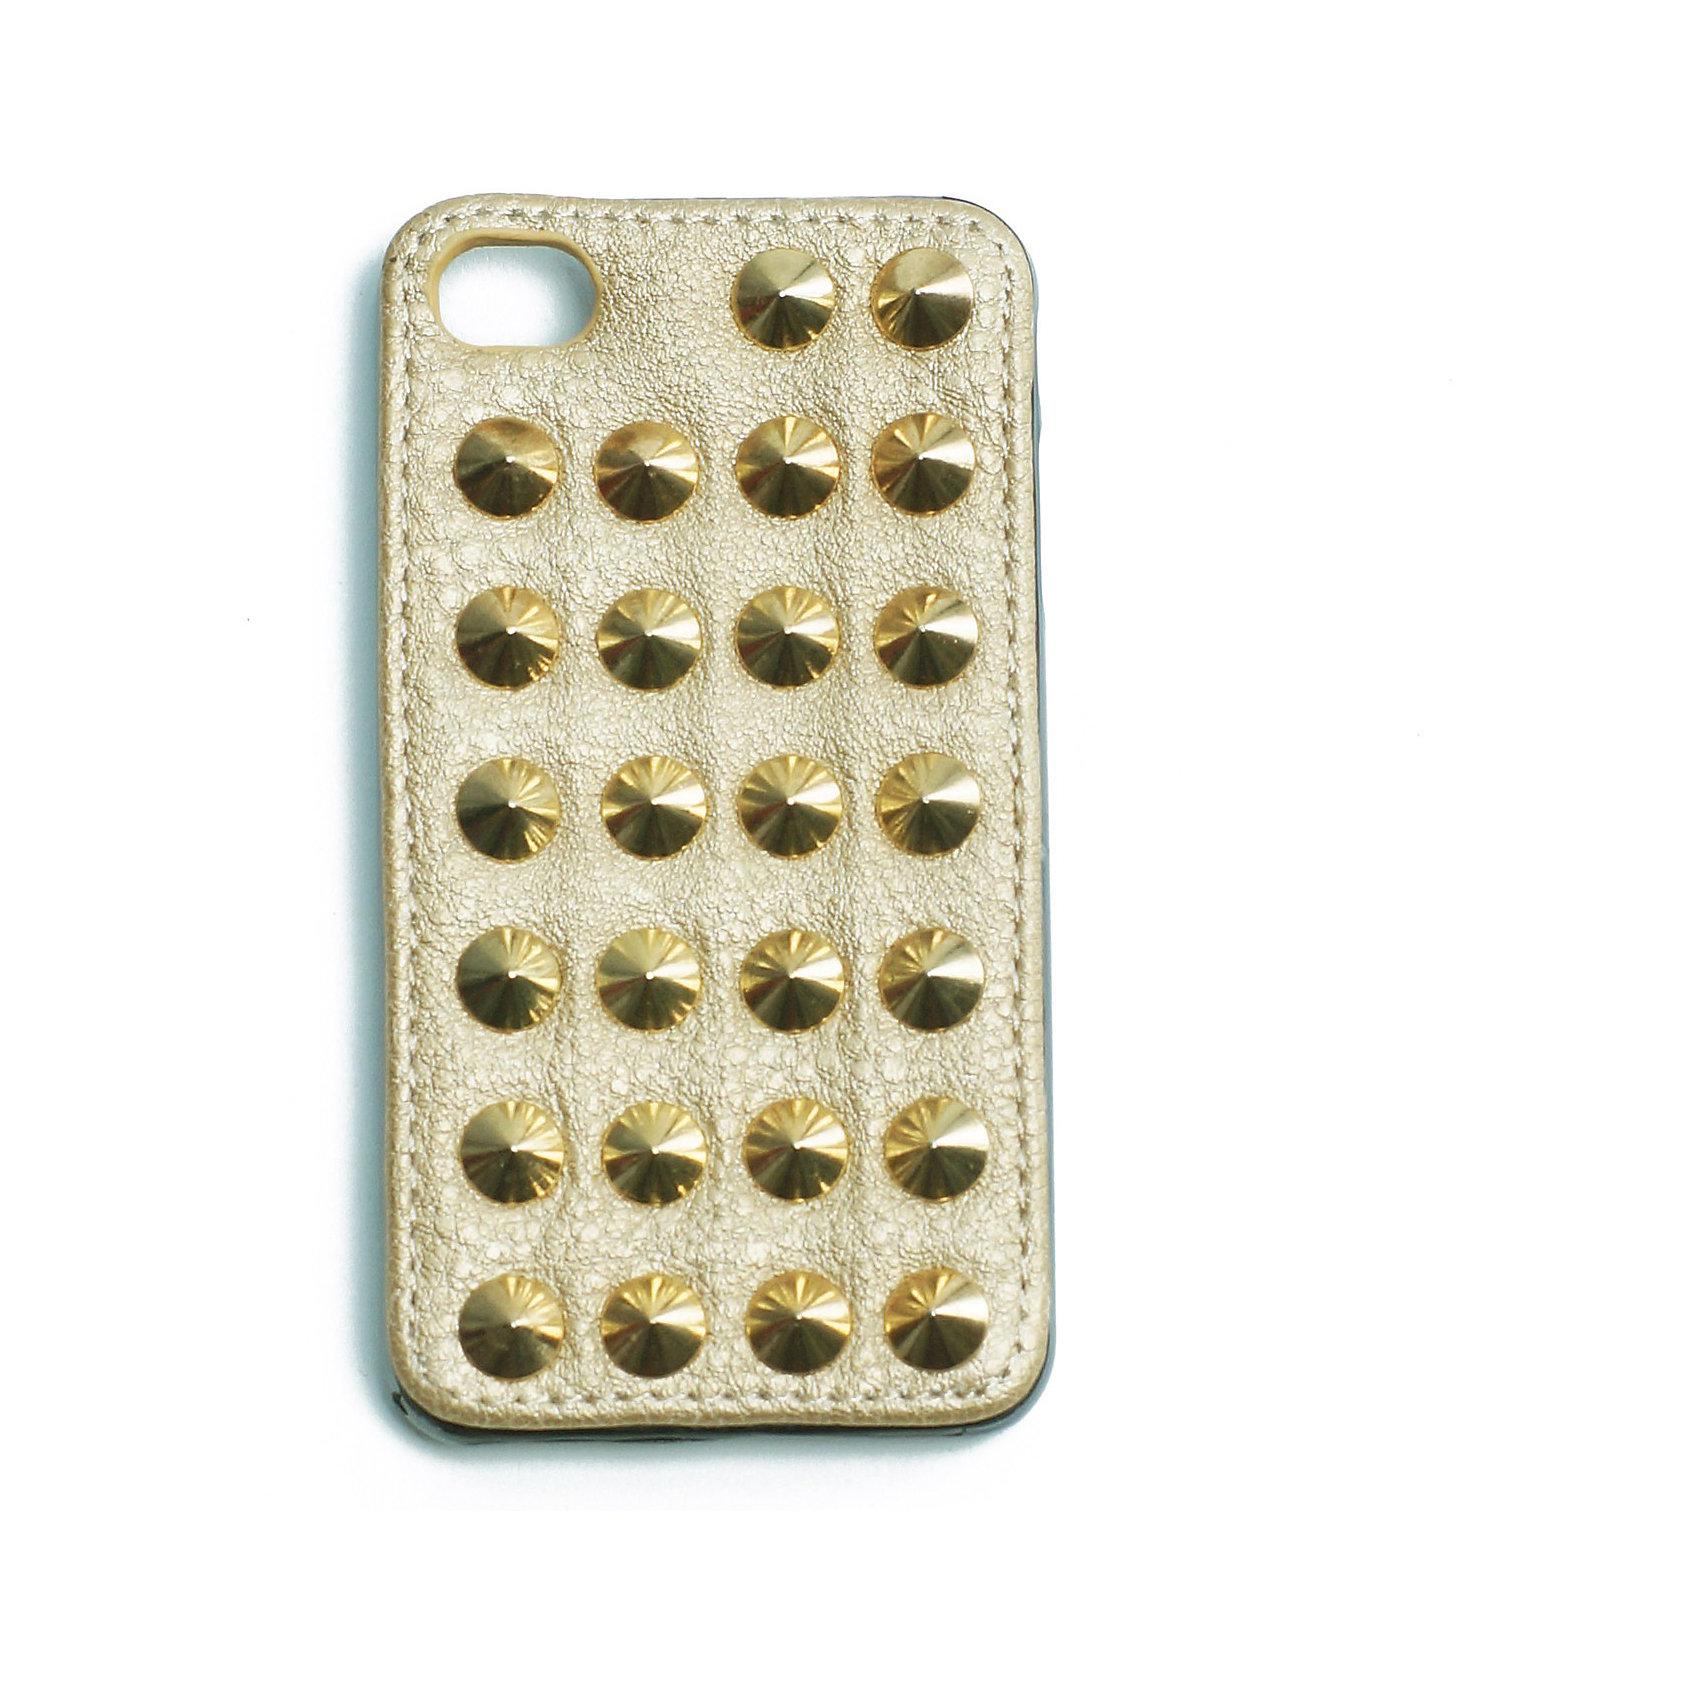 ЧЕХОЛ ДЛЯ МОБИЛЬНОГО ТЕЛЕФОНА DivaЧехол для смартфона Diva (Дива) - стильный и запоминающийся аксессуар, который подчеркнет Ваш смелый образ.<br> Дополнительная информация:<br><br>- материал: иск кожа, металл.<br>- размеры: 12 cм х 1,2 см х 6,3 см.<br>- цвет: золотой.<br><br>Этот чехол для смартфона Вы можете купить в нашем магазине.<br><br>Ширина мм: 90<br>Глубина мм: 11<br>Высота мм: 130<br>Вес г: 50<br>Возраст от месяцев: -2147483648<br>Возраст до месяцев: 2147483647<br>Пол: Женский<br>Возраст: Детский<br>SKU: 3454559